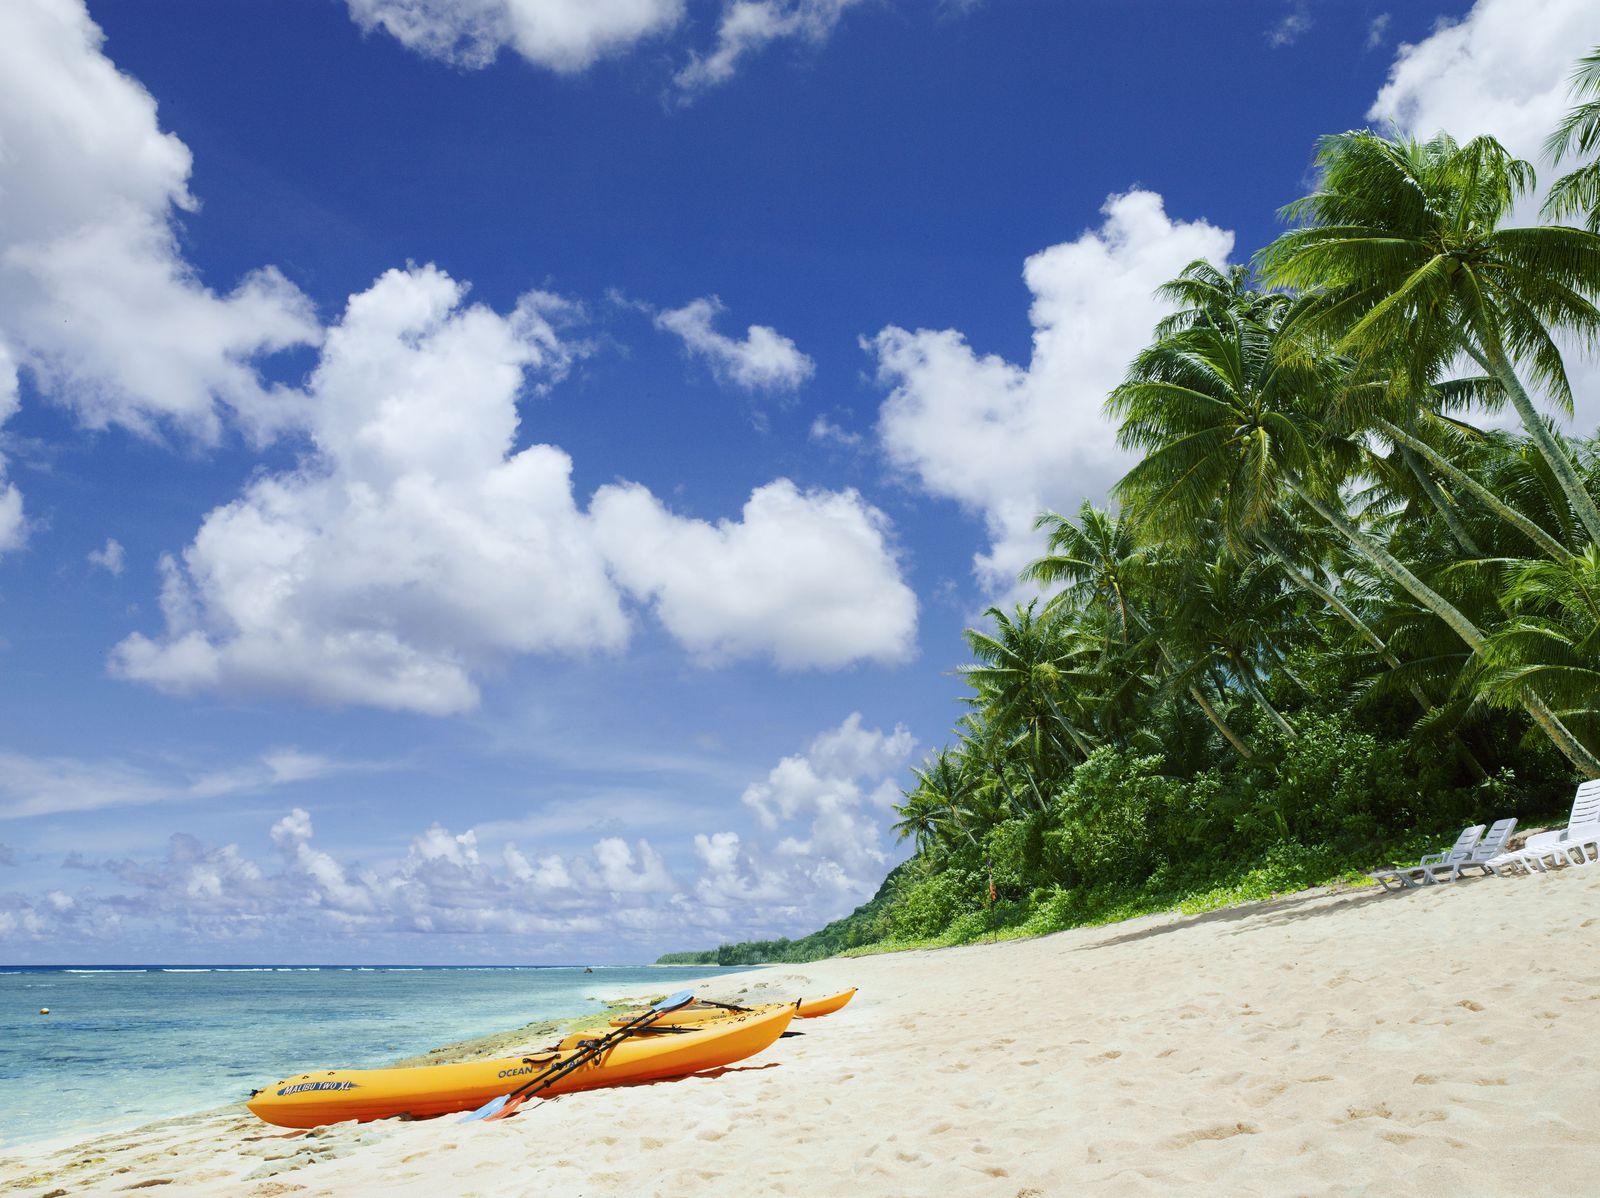 週末旅や一人旅にもおすすめ!今、グアムで行くべき最旬スポット7選